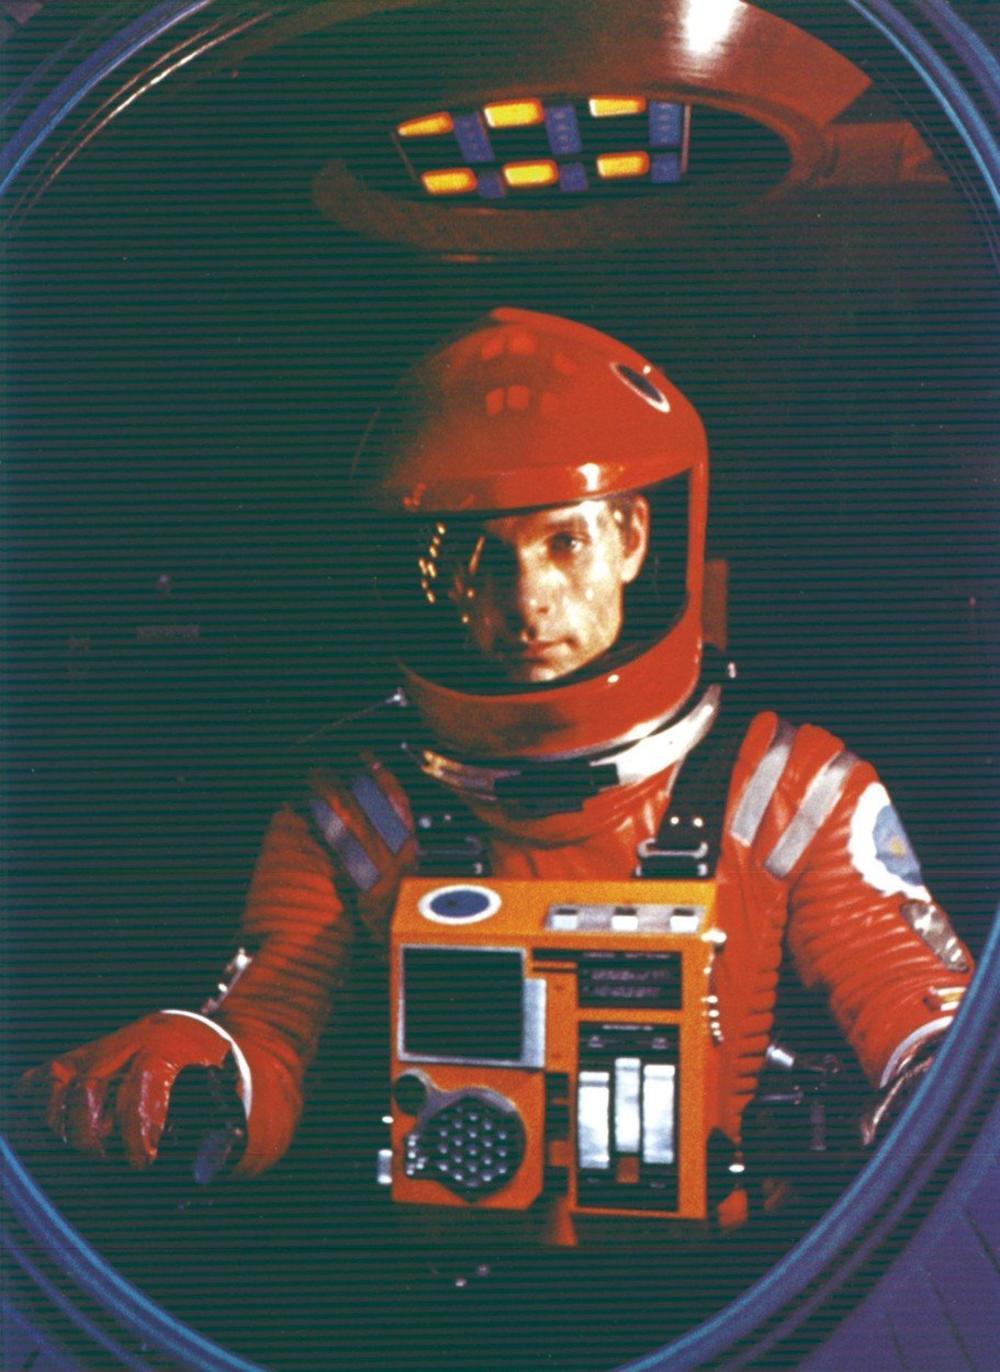 naučna fantastika 2001: Odiseja u svemiru